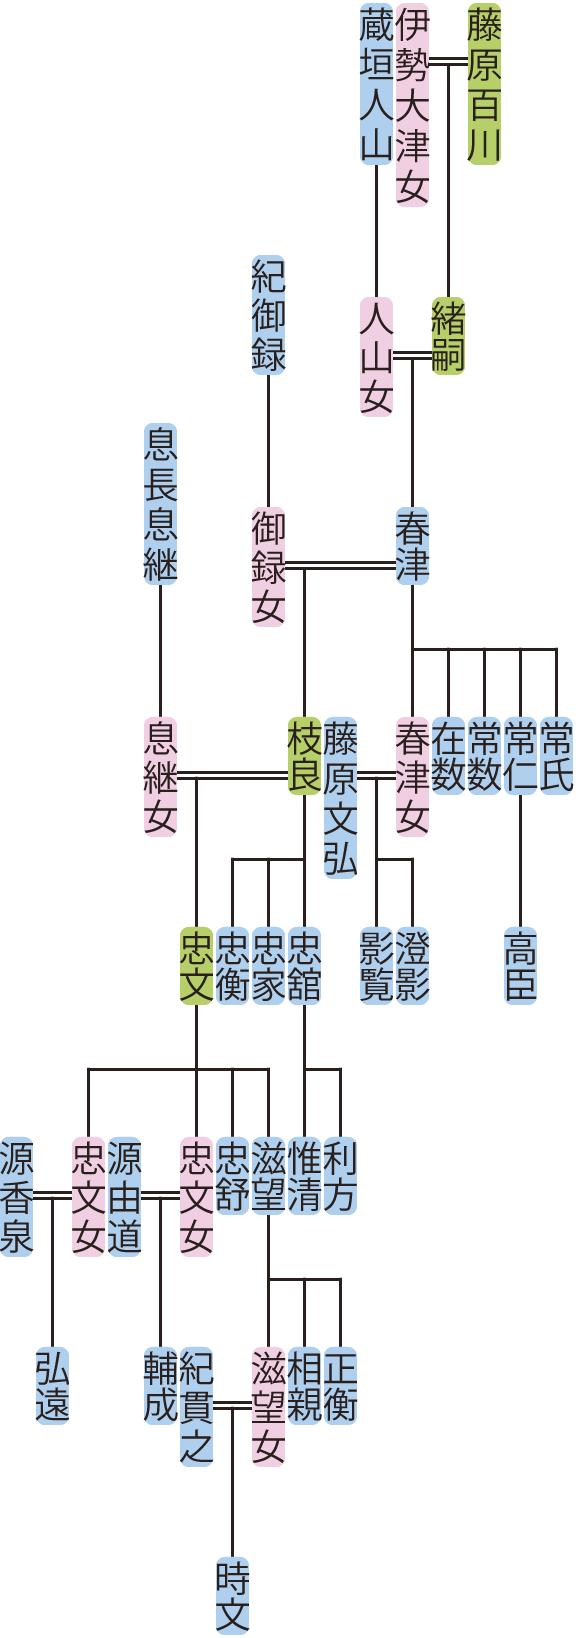 藤原春津の系図